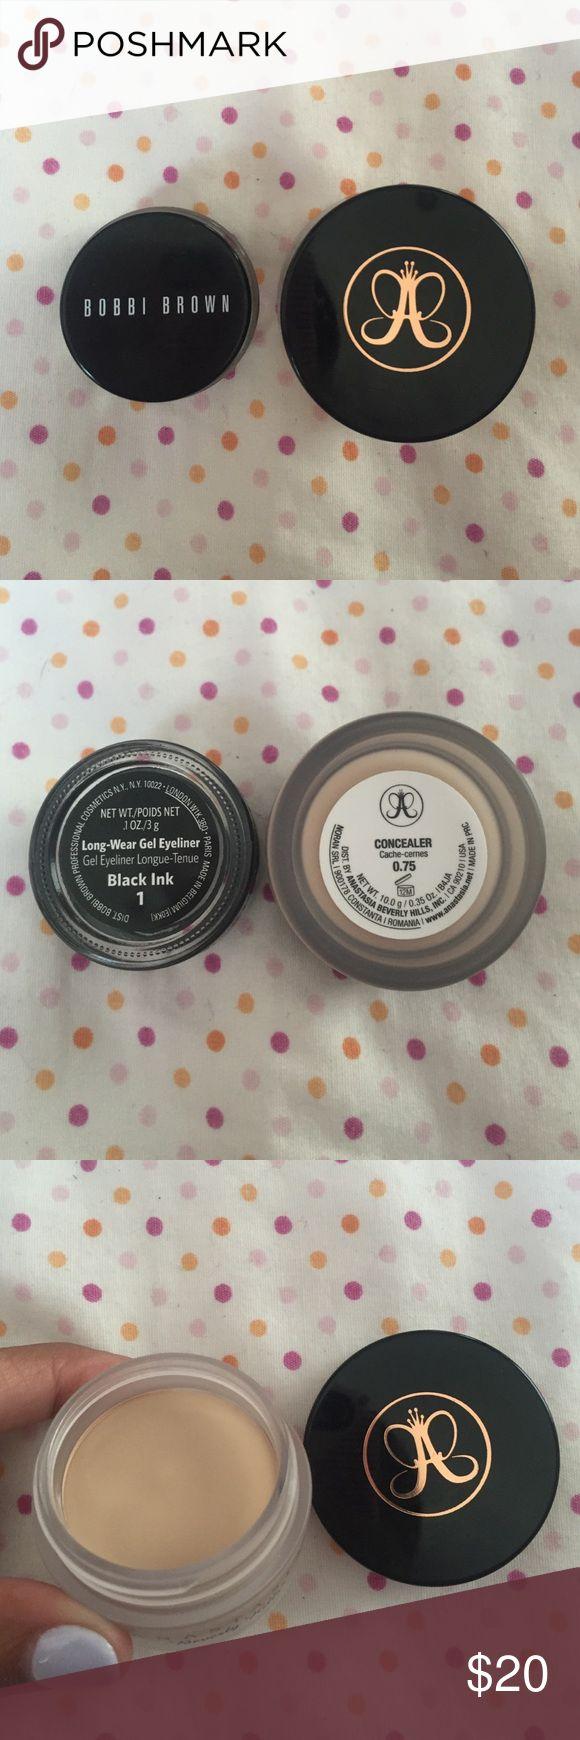 Anastasia concealer and Bobbi Brown gel eyeliner Anastasia concealer (color: 0.75) *BRAND NEW NEVER USED*                                                   Bobbi Brown gel eyeliner (color: Black Ink 1) *BRAND NEW NEVER USED* Anastasia Beverly Hills Makeup